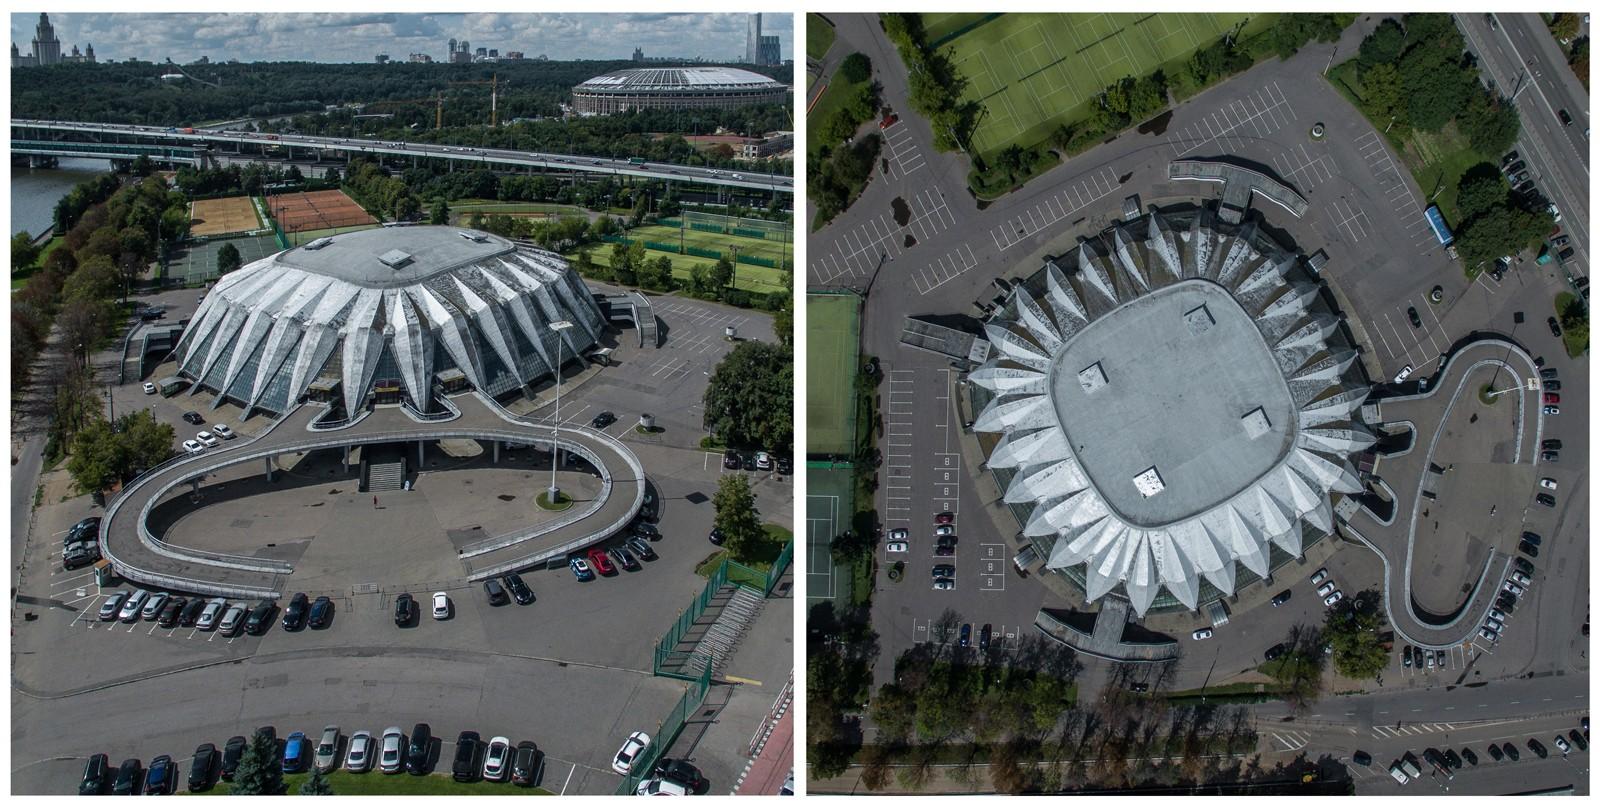 ЗАЛ «Дружба» был построен в 1979 году для проведения соревнований XXII Олимпиады 1980 года. Авторы п